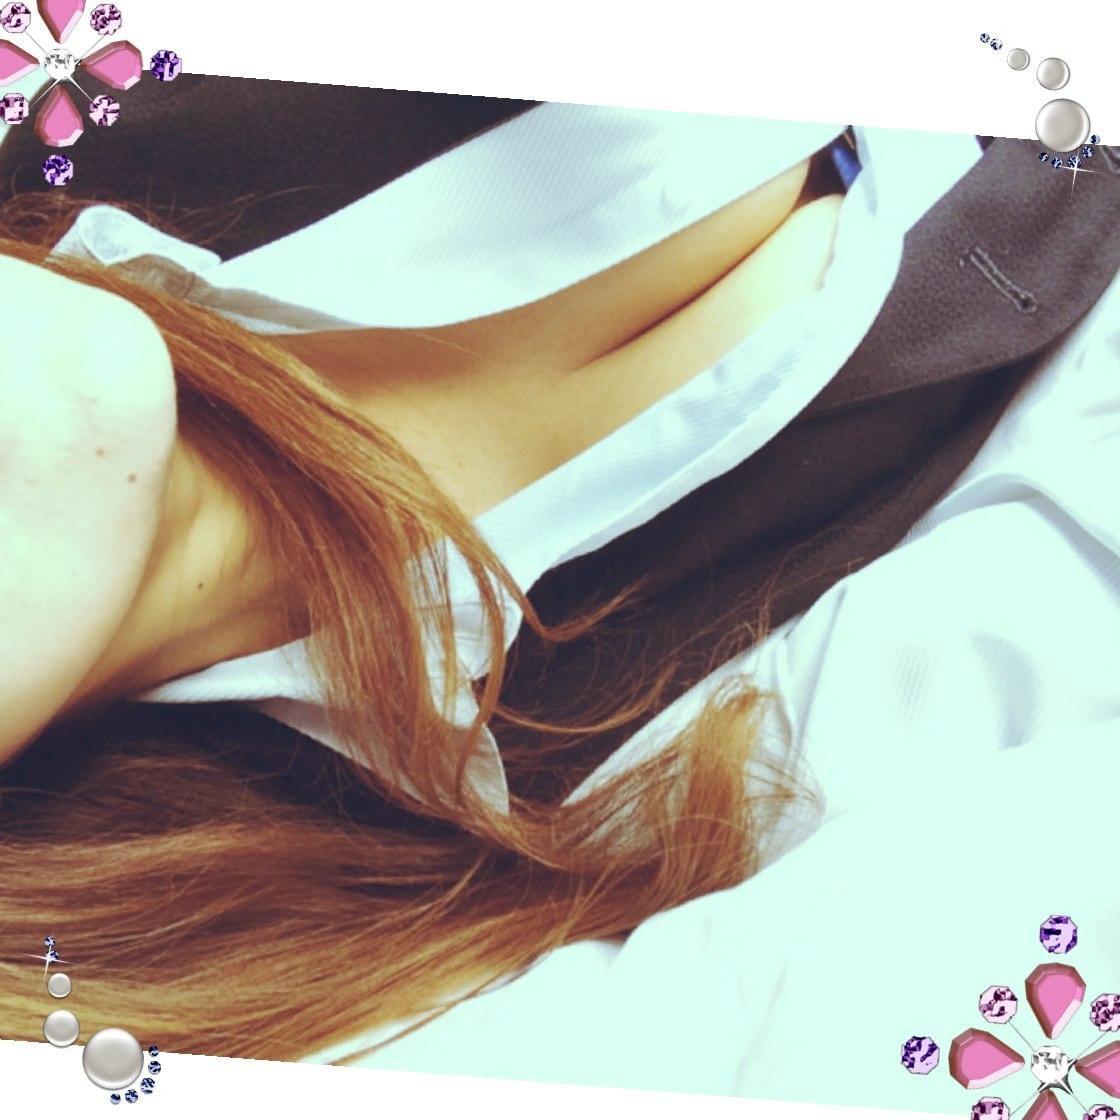 「お礼☆」06/14(木) 19:59 | 七瀬さんの写メ・風俗動画